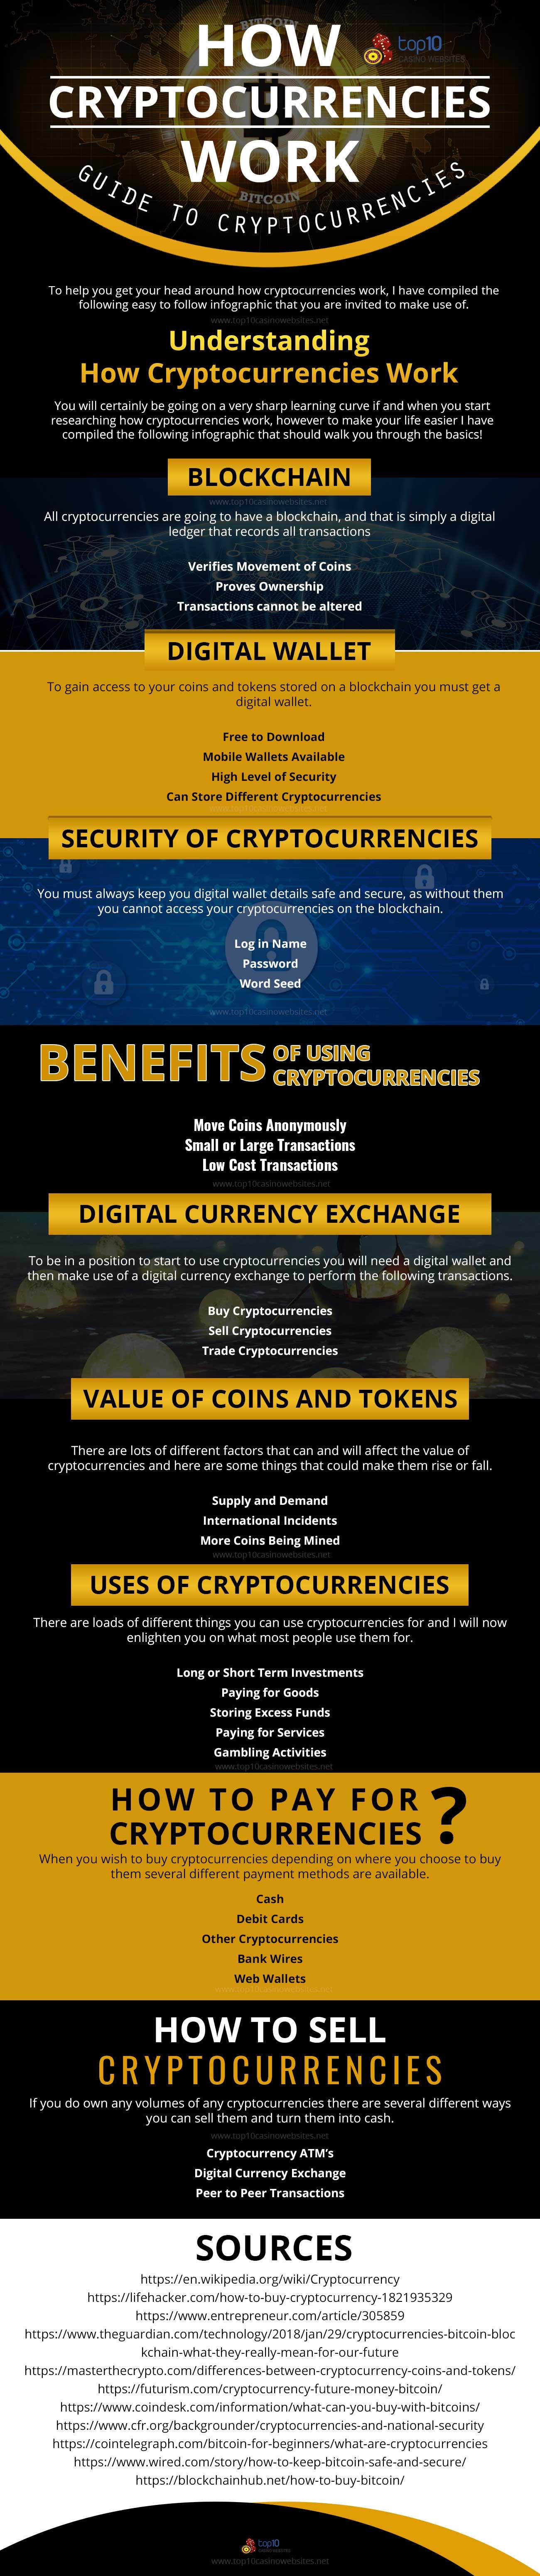 Infographic on Understanding How Cryptocurrencies Work